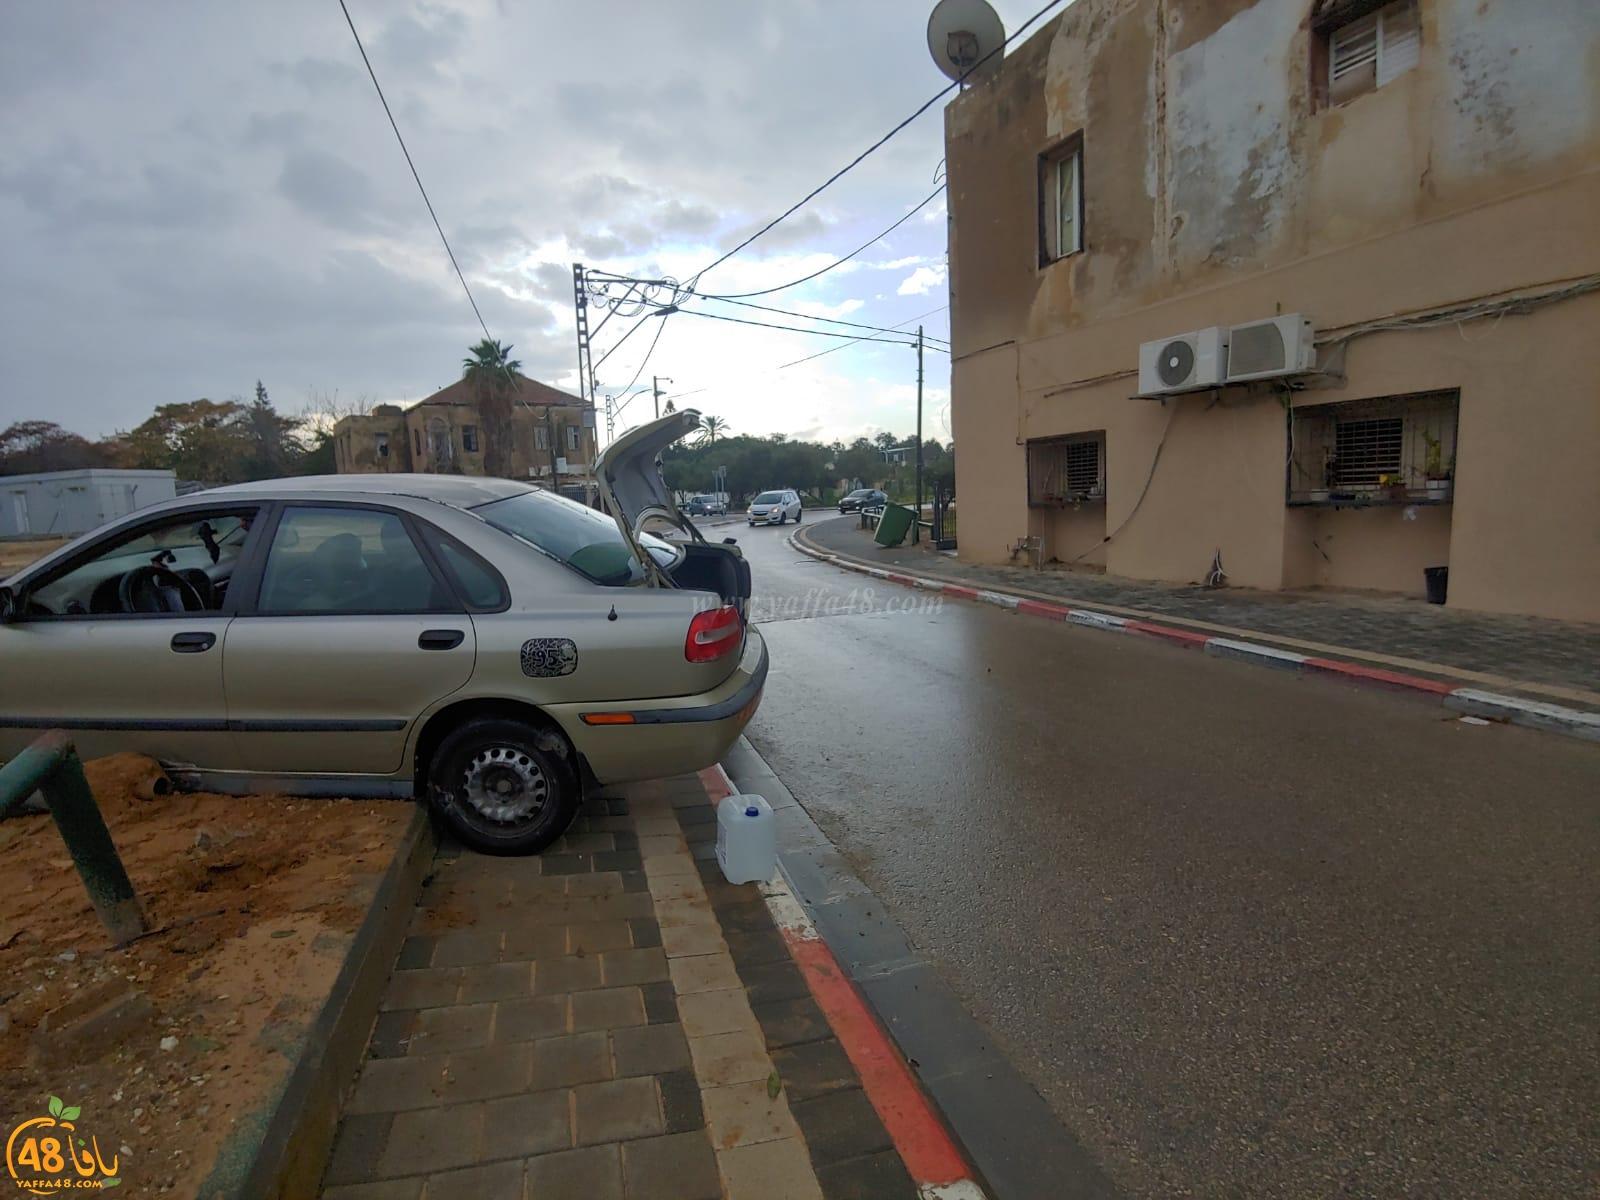 حادث طرق ذاتي في شارع غزة بيافا دون اصابات